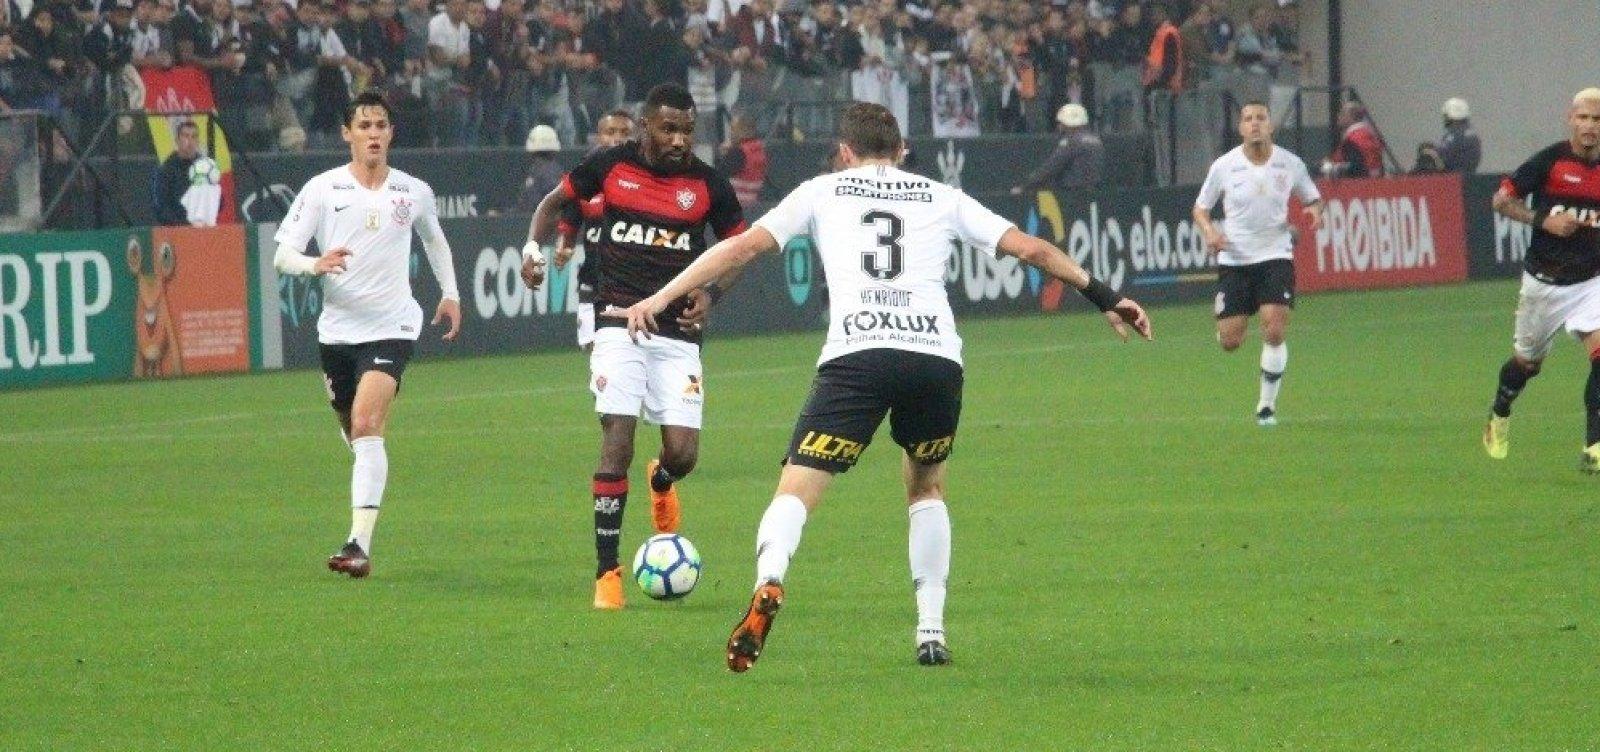 2405f9bba2c90 Vitória empata sem gols com o Corinthians fora de casa - Metro 1